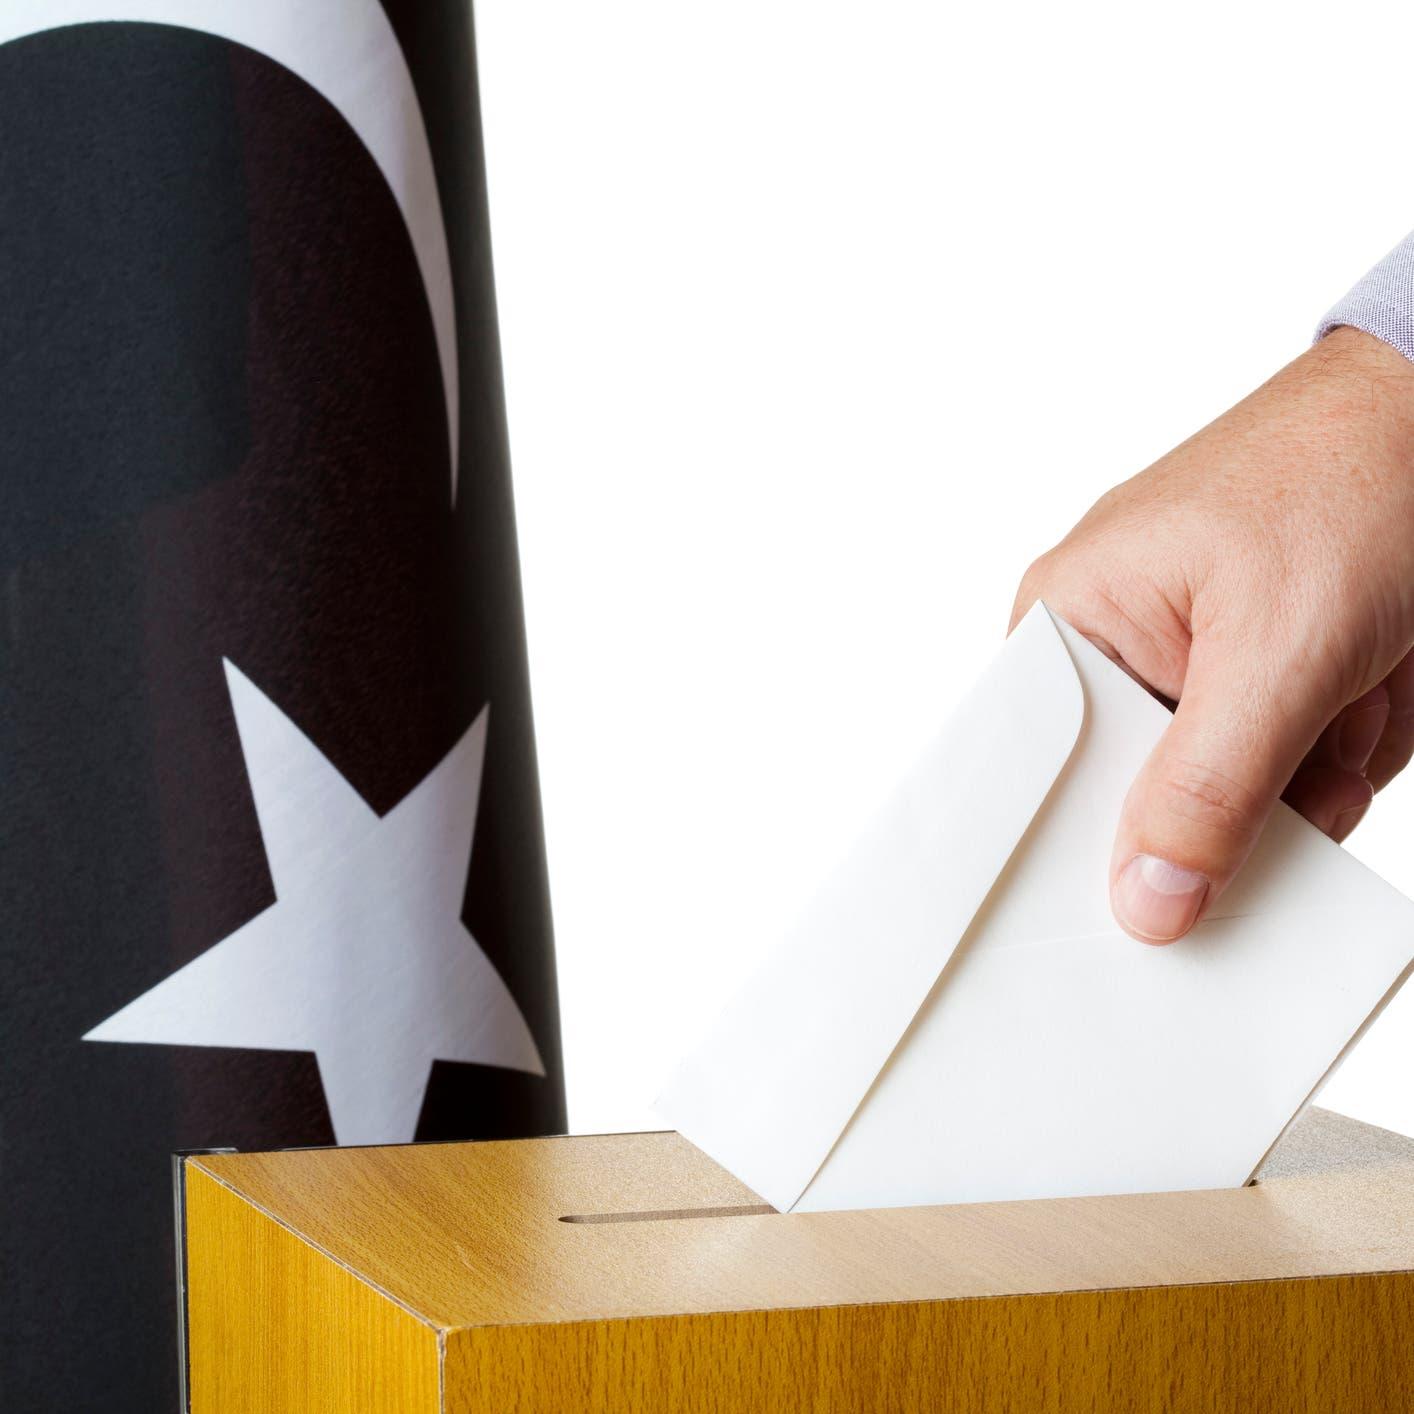 رغم الخلافات حوله.. المفوضية تتسلم قانون انتخاب برلمان ليبيا